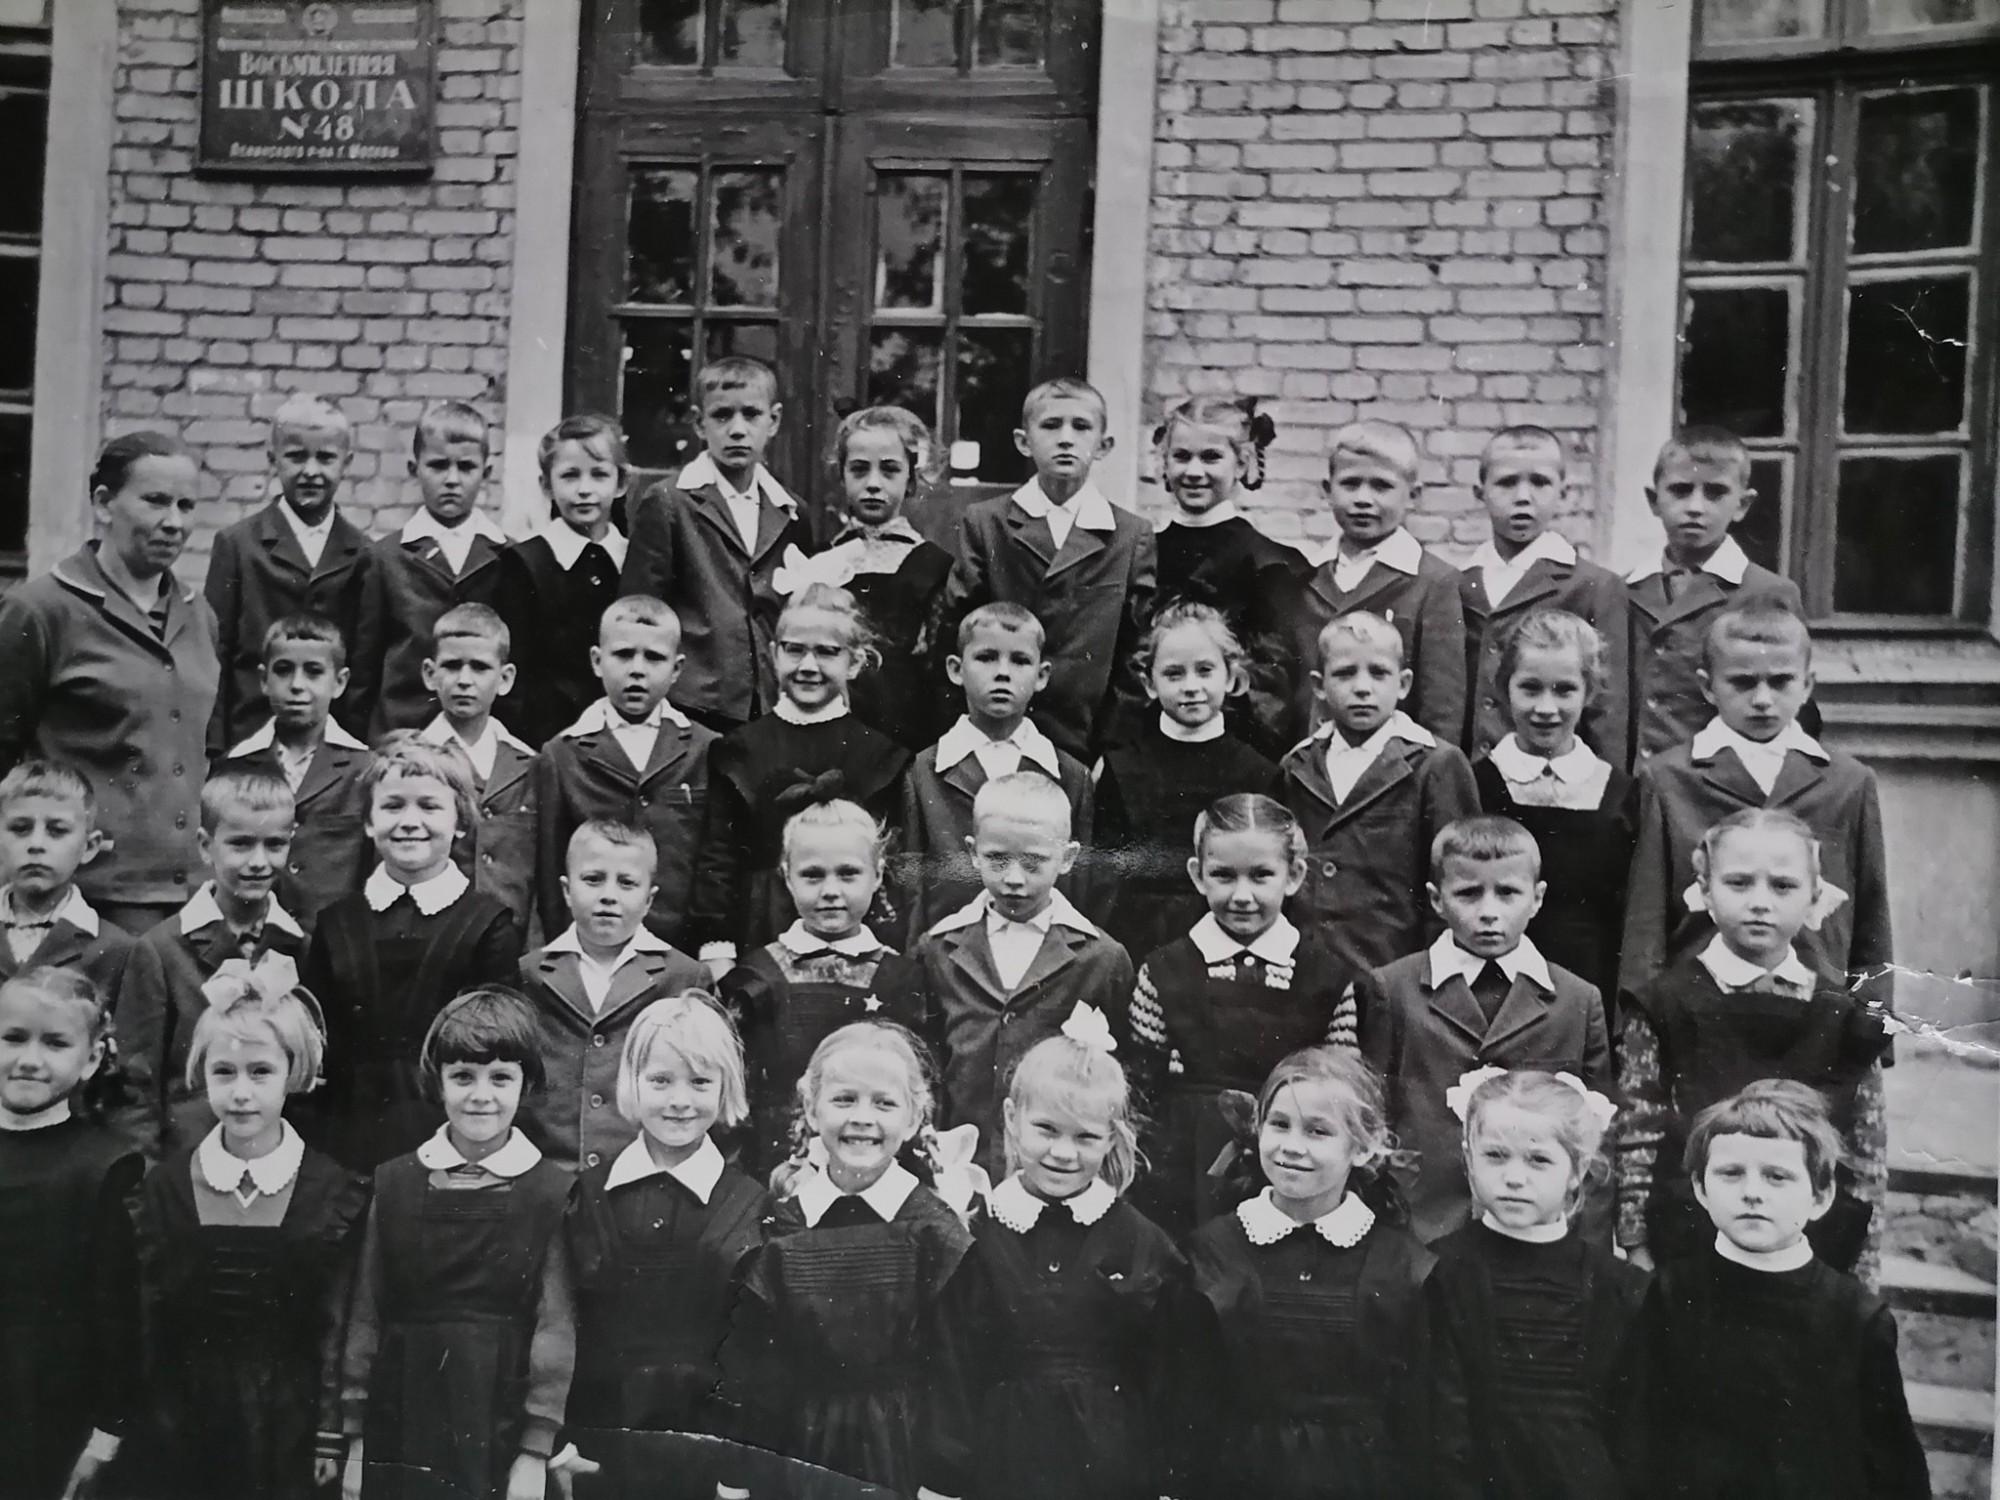 1960е Школа 48. Архив Елены Быстровой